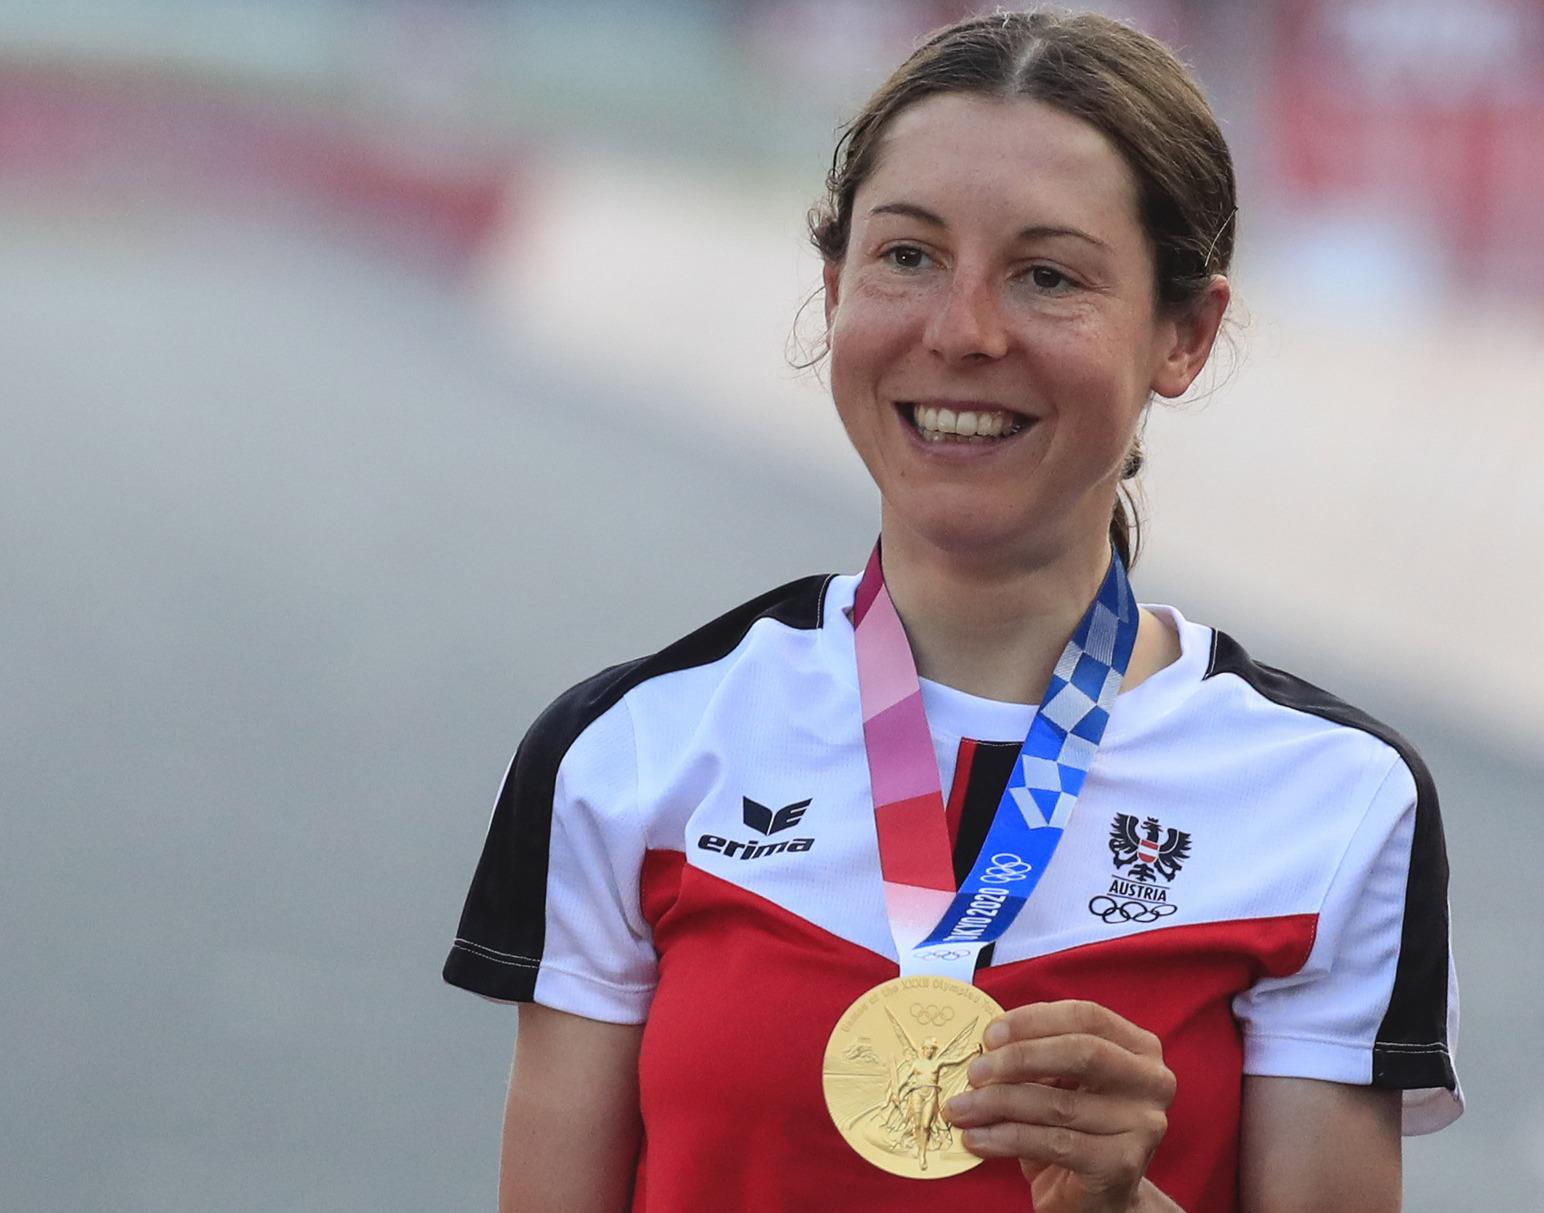 تا قبل از مسابقات المپیک 2020 هیچ کسی آنا کیسنهوفر (Anna Kiesenhofer) دوچرخه سوار اتریشی را نمی شناخت اما اکنون همه او را می شناسند.